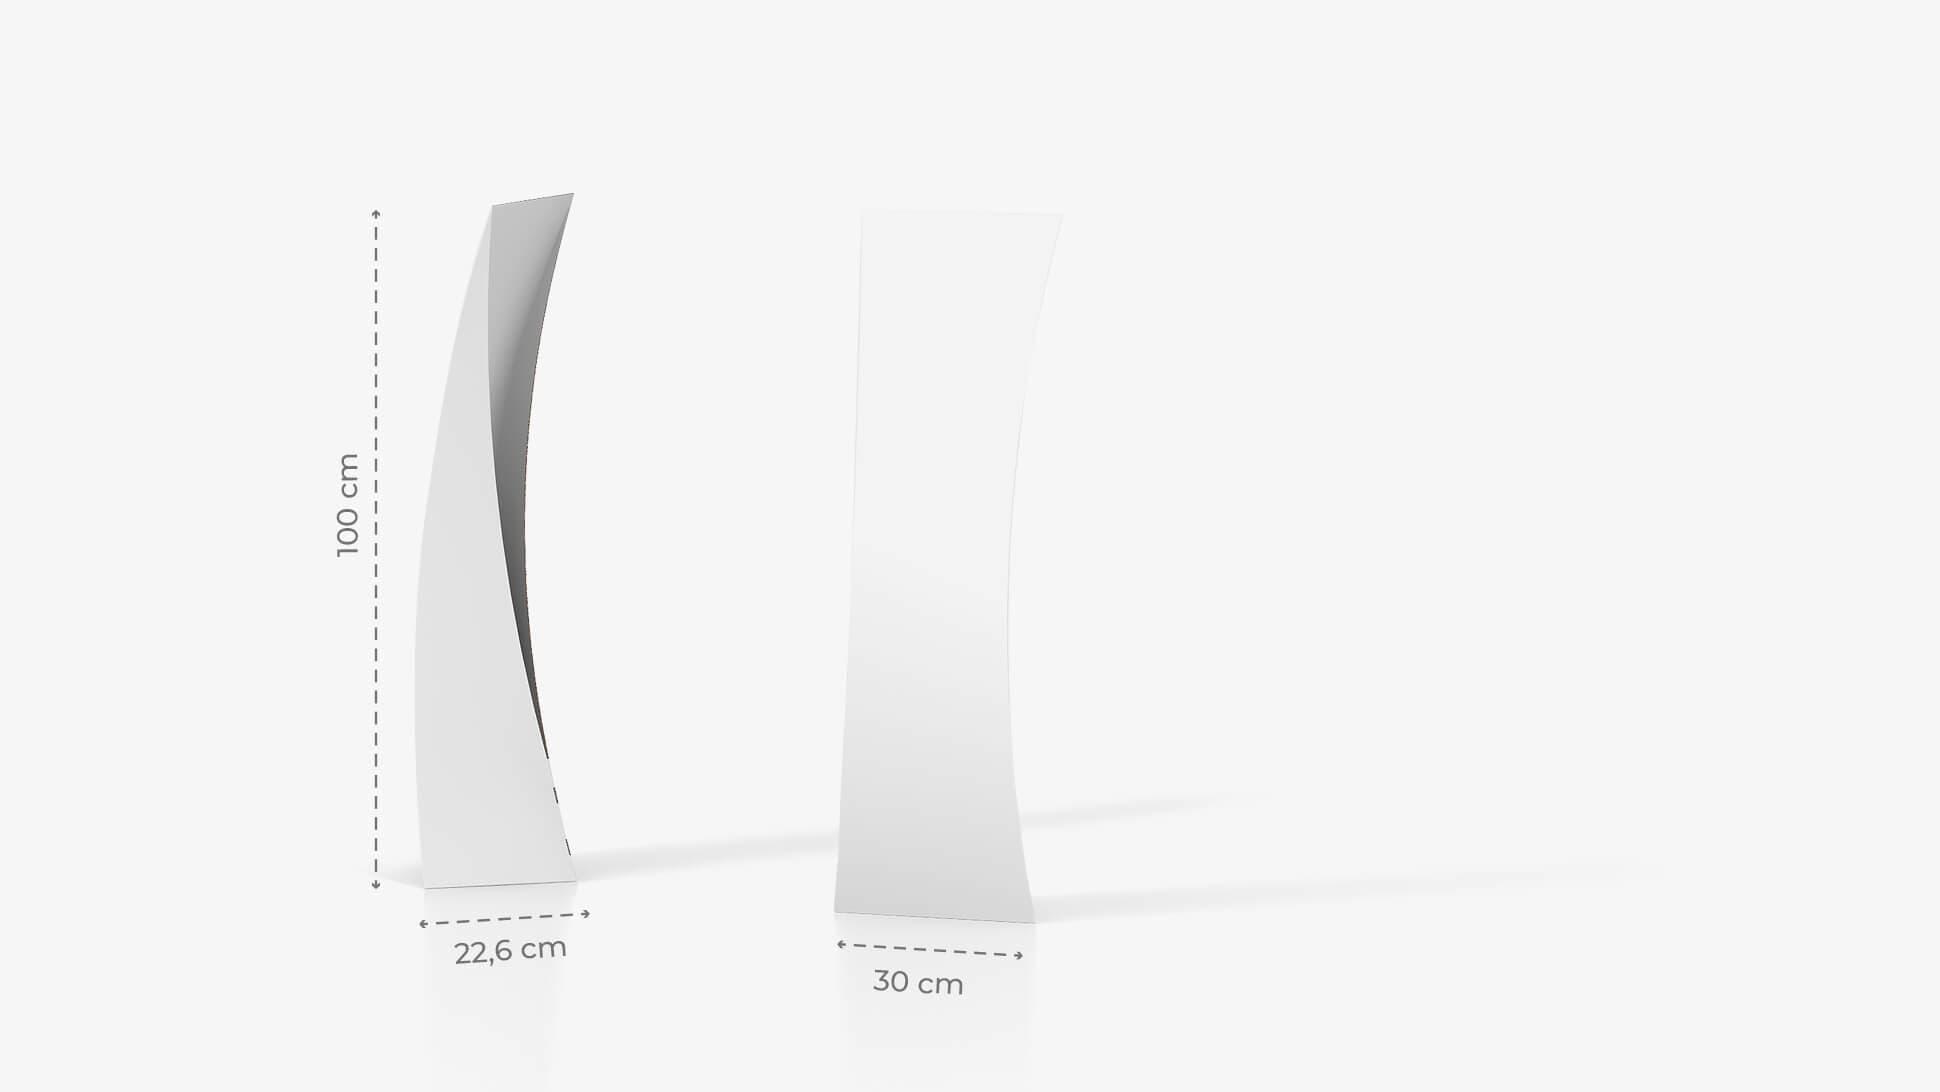 Totem pubblicitario personalizzato 100x30cm | tictac.it